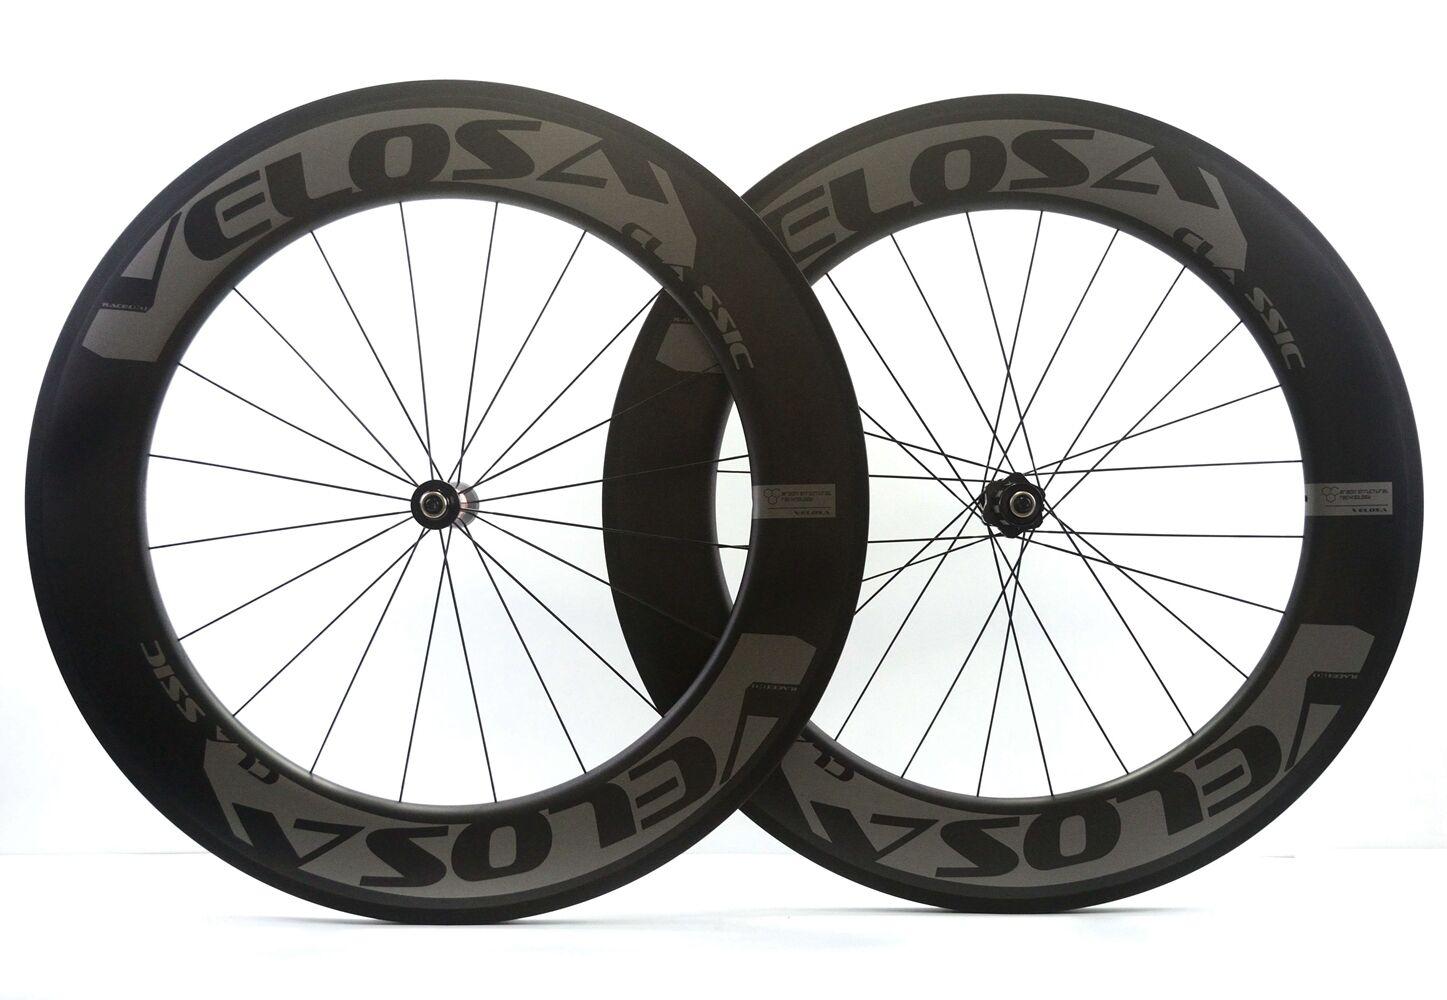 Velosa RACE 80  triathlon road bike 700C carbon wheels,88mm wheel,DT swiss hubs